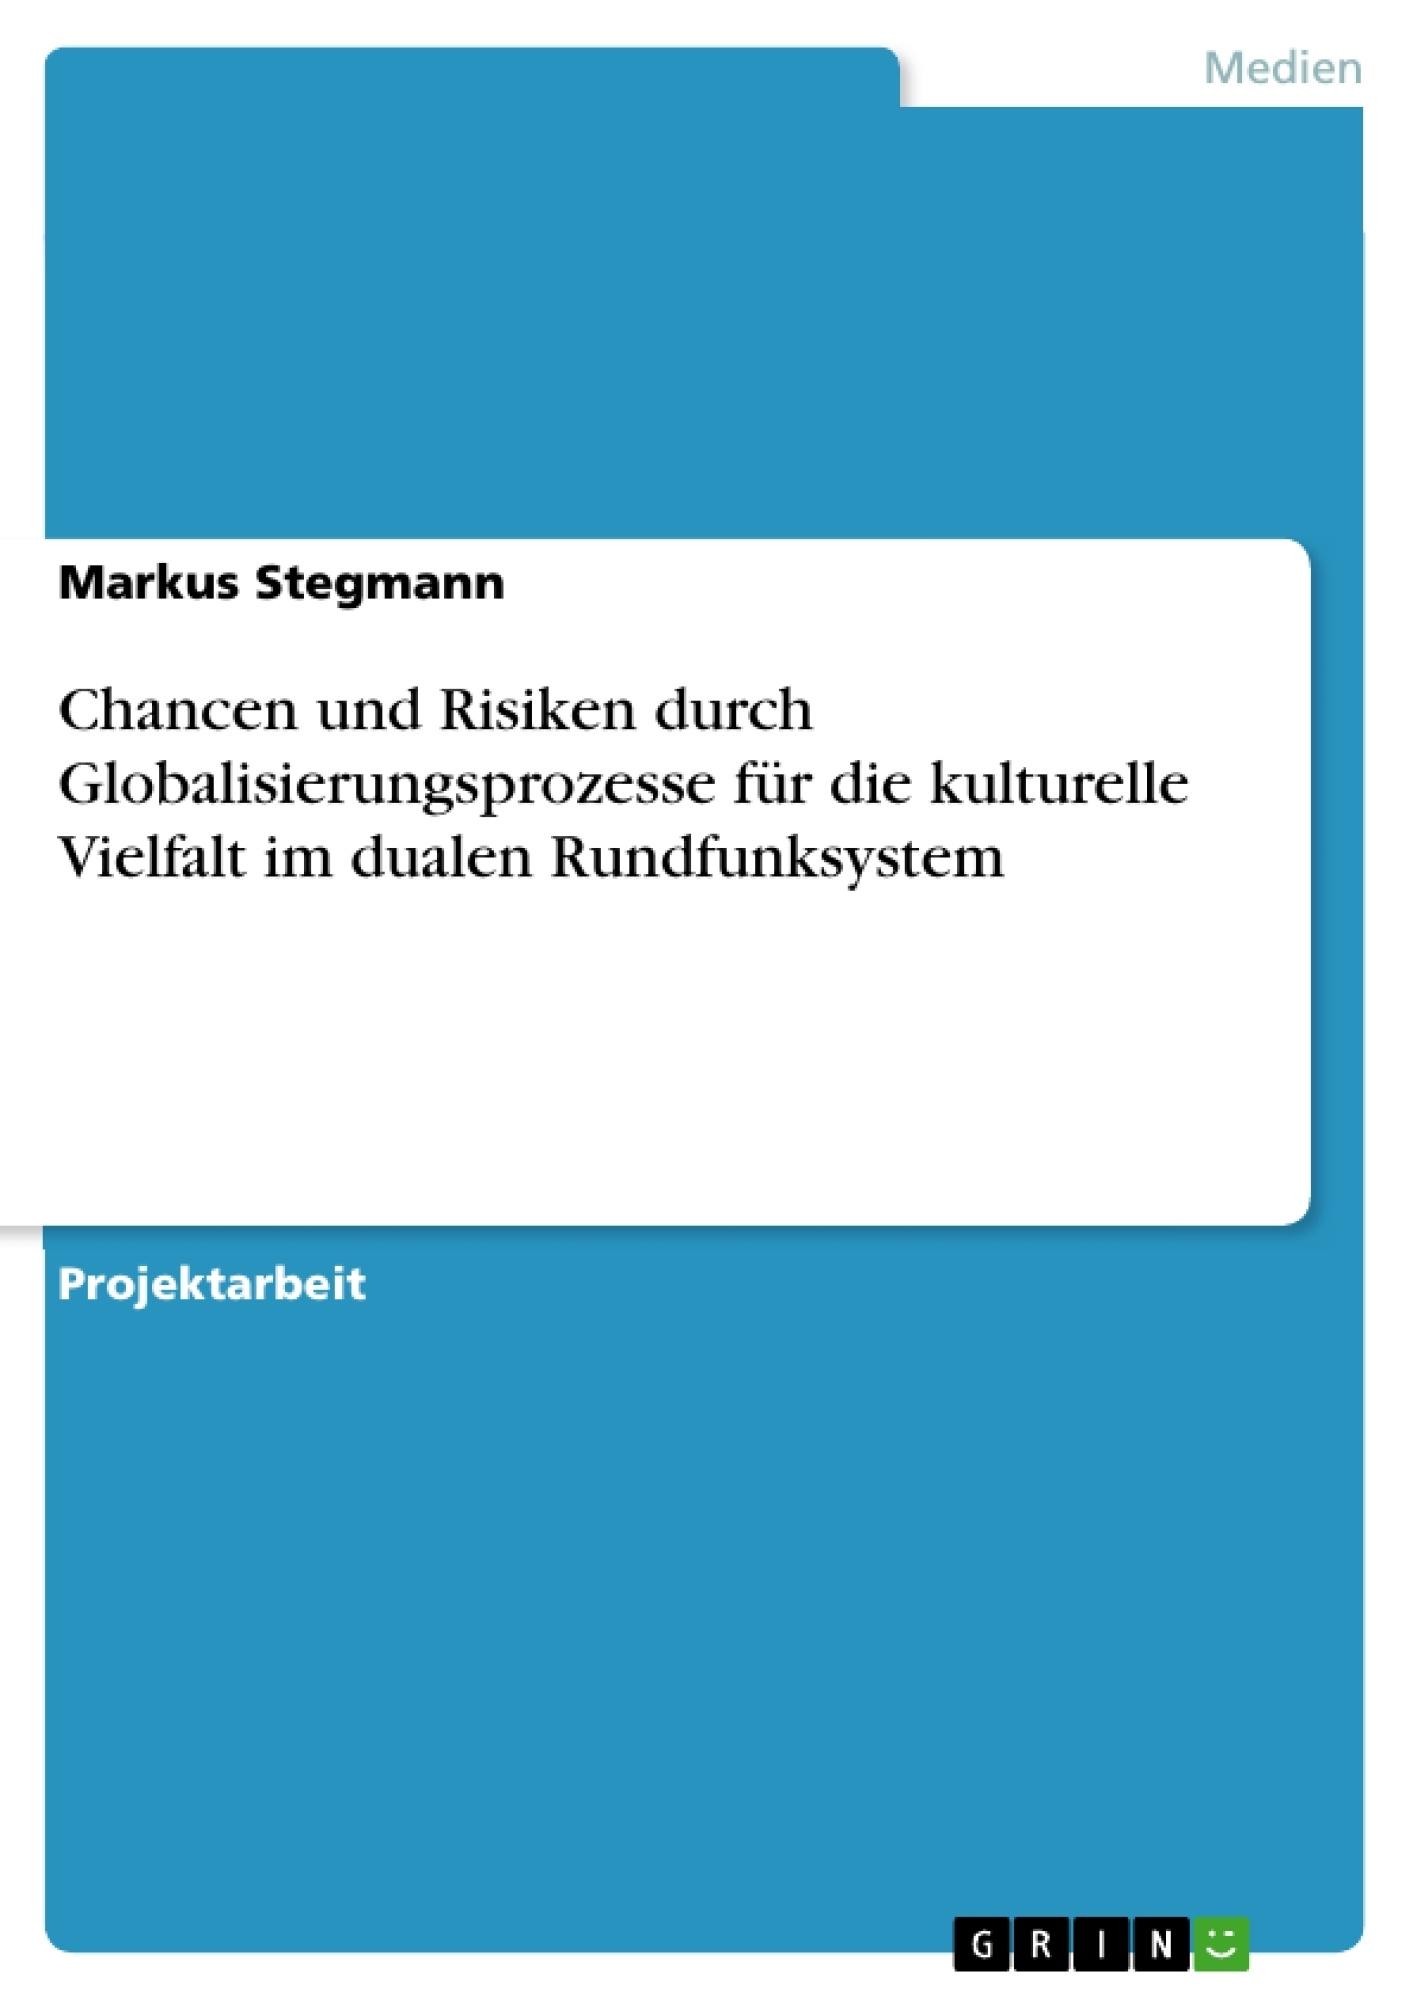 Titel: Chancen und Risiken durch Globalisierungsprozesse  für die kulturelle Vielfalt im dualen Rundfunksystem